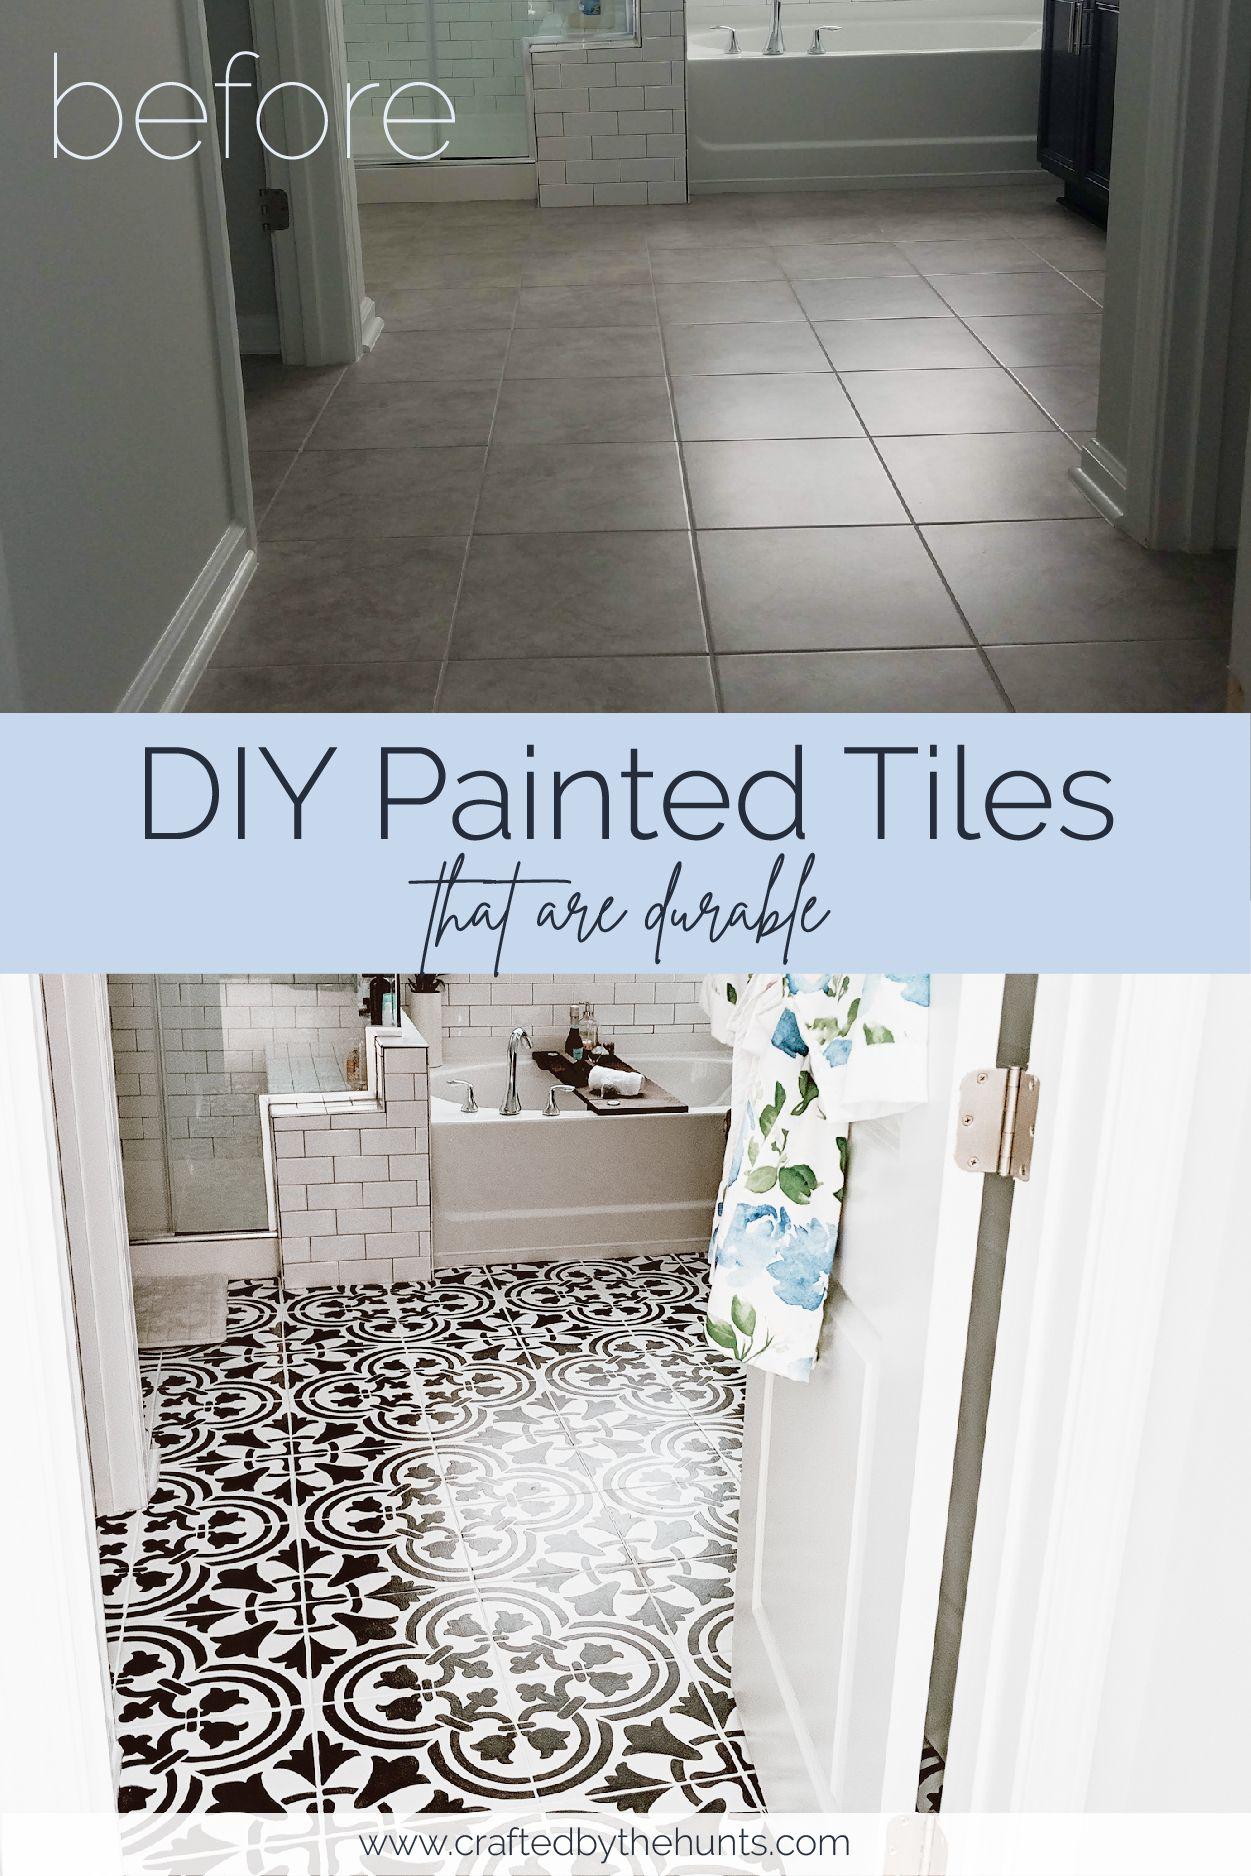 Diy Painted Tile Floors Painting Tile Painting Tile Floors Painting Bathroom Tiles